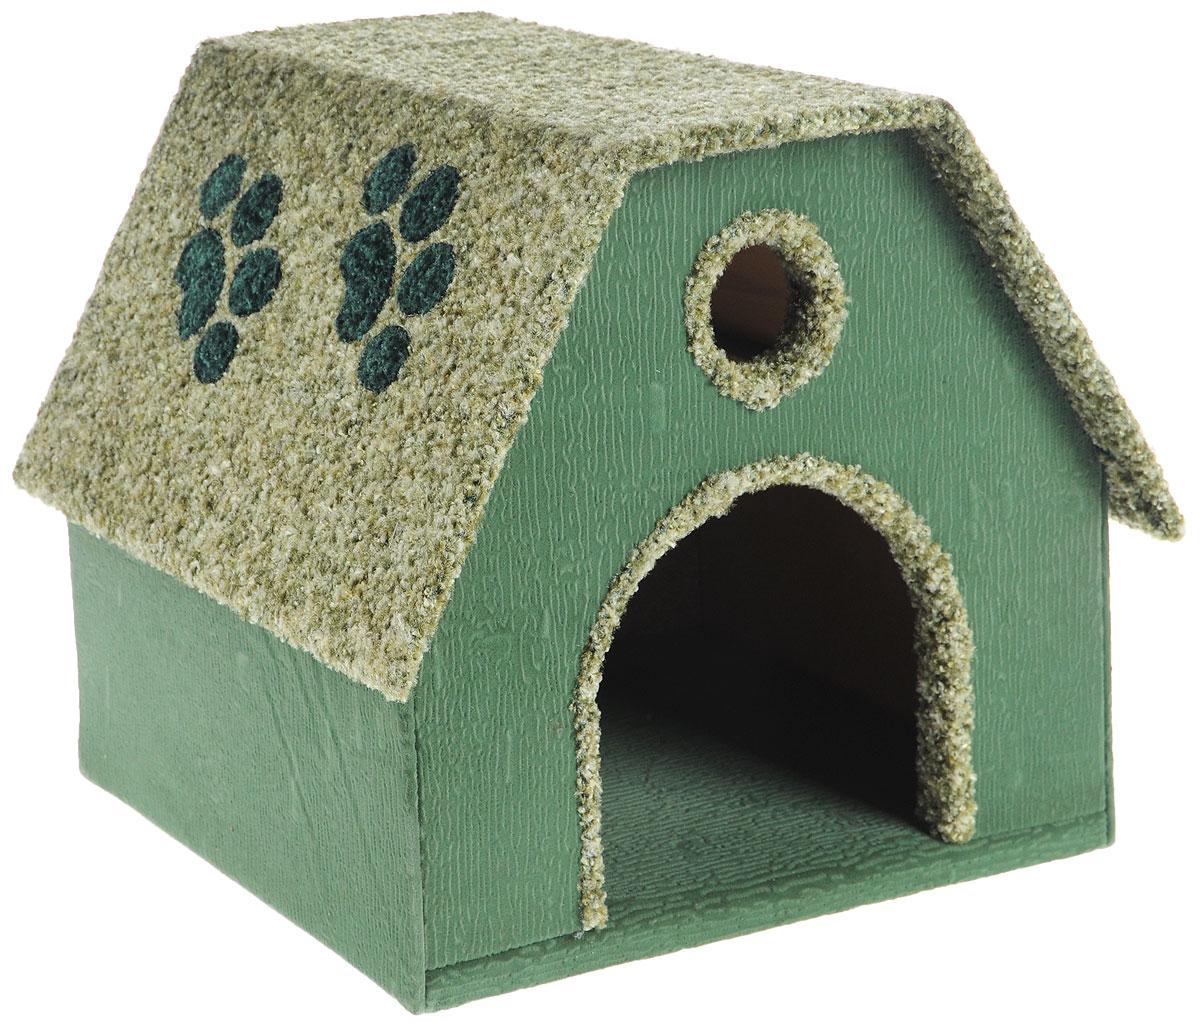 Домик для животных Неженка Будка, цвет: зеленый, 41 х 36 х 35 см7294_зеленыйБольшой, уютный домик Будка, выполненный из ДСП, обитый тканью, отлично подойдет для вашего любимца. Такой домик станет не только идеальным местом для сна вашего питомца, но и местом для отдыха. Для максимального комфорта наружные части обтянуты мягкой тканью. Изделие имеет большой вход. Удобный и мягкий, он станет не только отличным домиком для вашего любимца, но еще и оригинальным украшением интерьера.